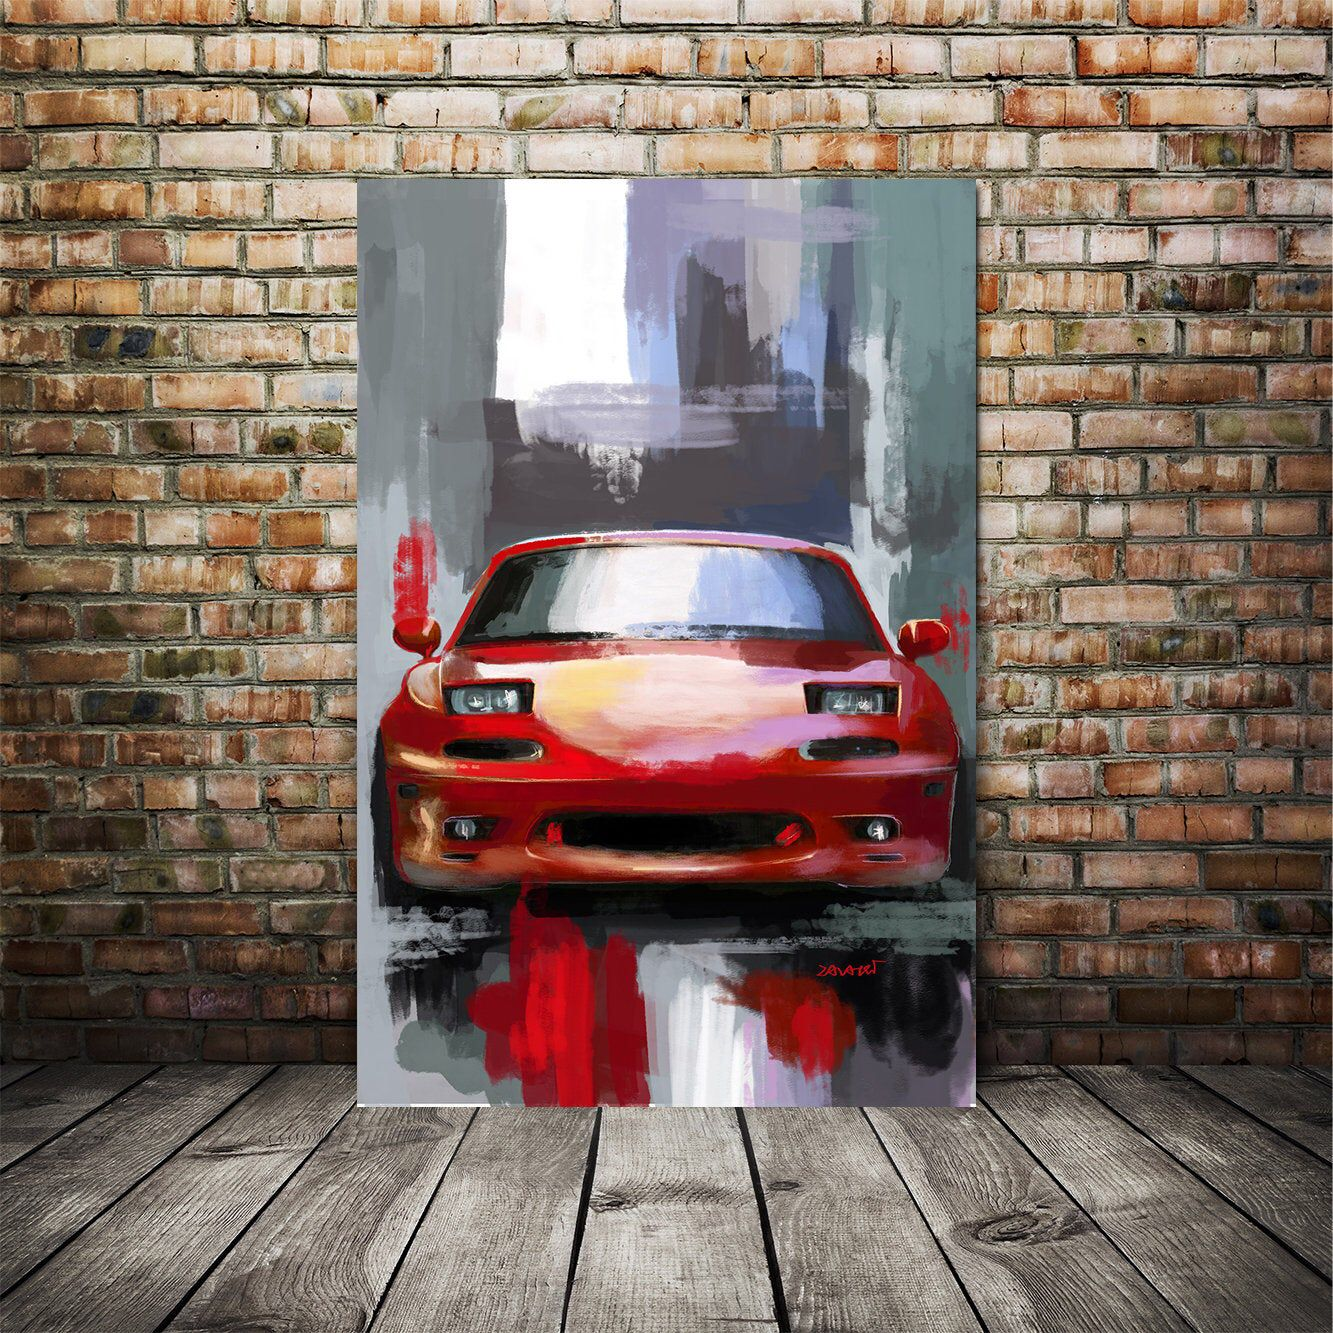 Mazda Miata 1995 Mazda Art Print Automotive Painting Large Etsy In 2020 Car Art Painting Automotive Art